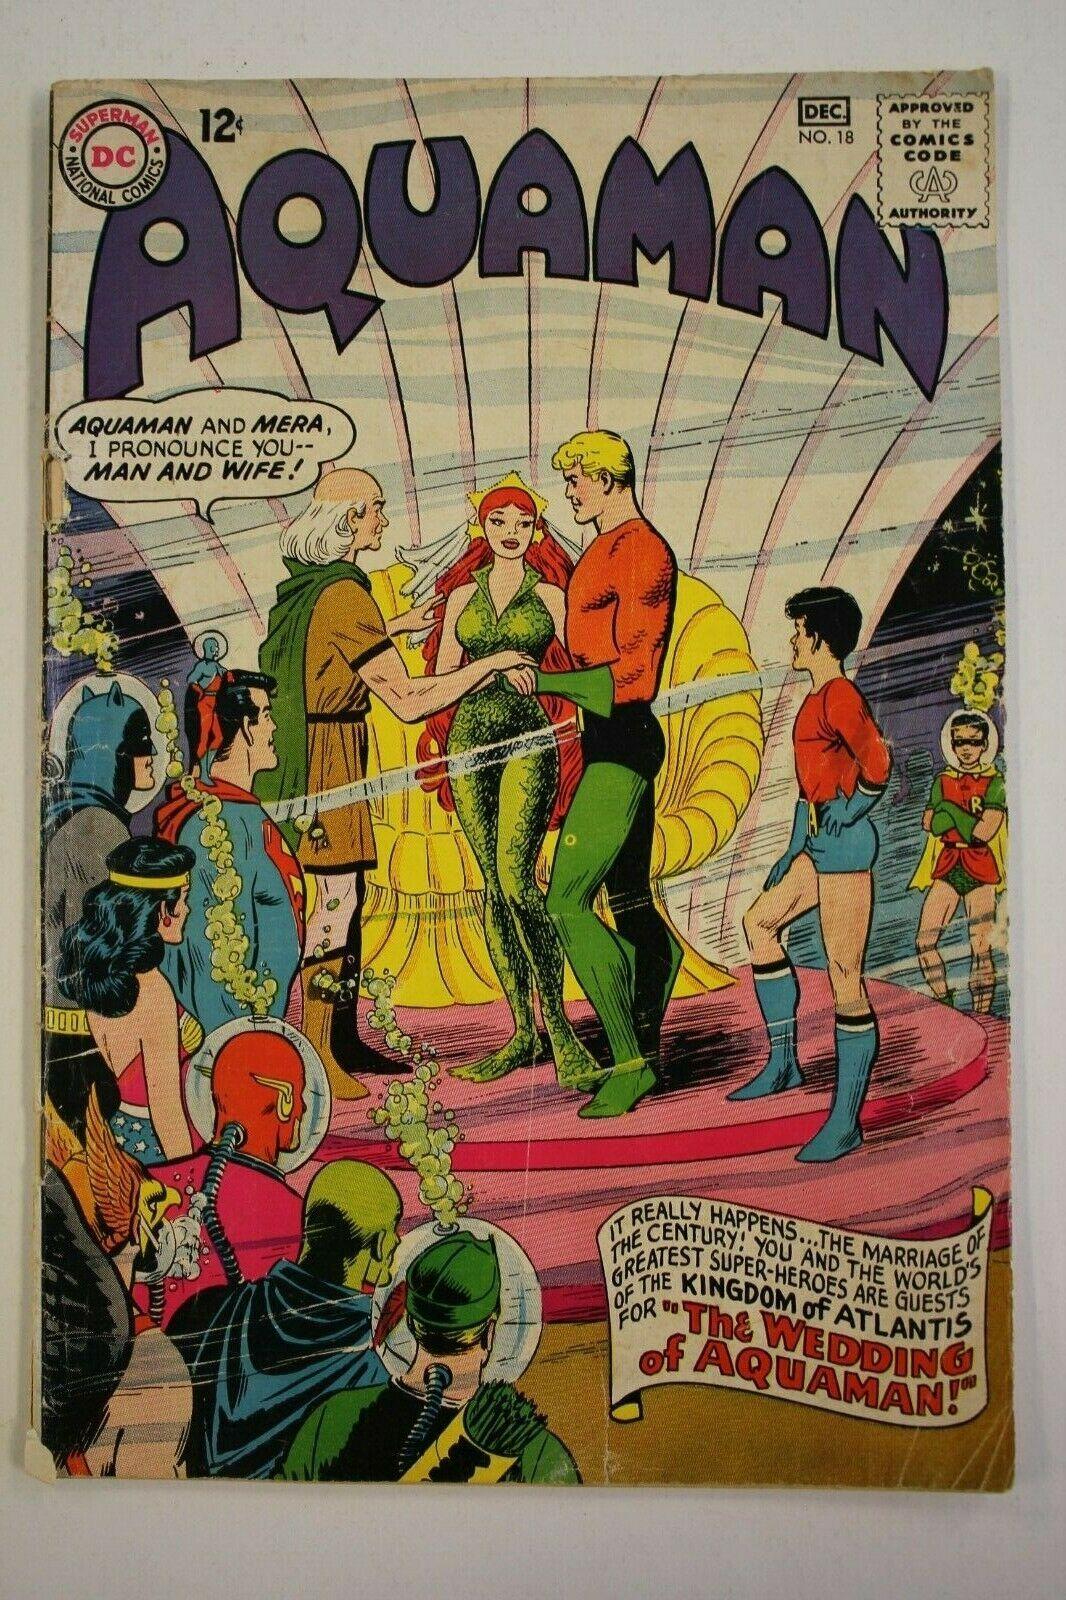 Aquaman FR/GD Mera Wedding Issue DC KEY Nick Cardy 1964 Silver Age 12 Cents  - Ideas of Aquaman